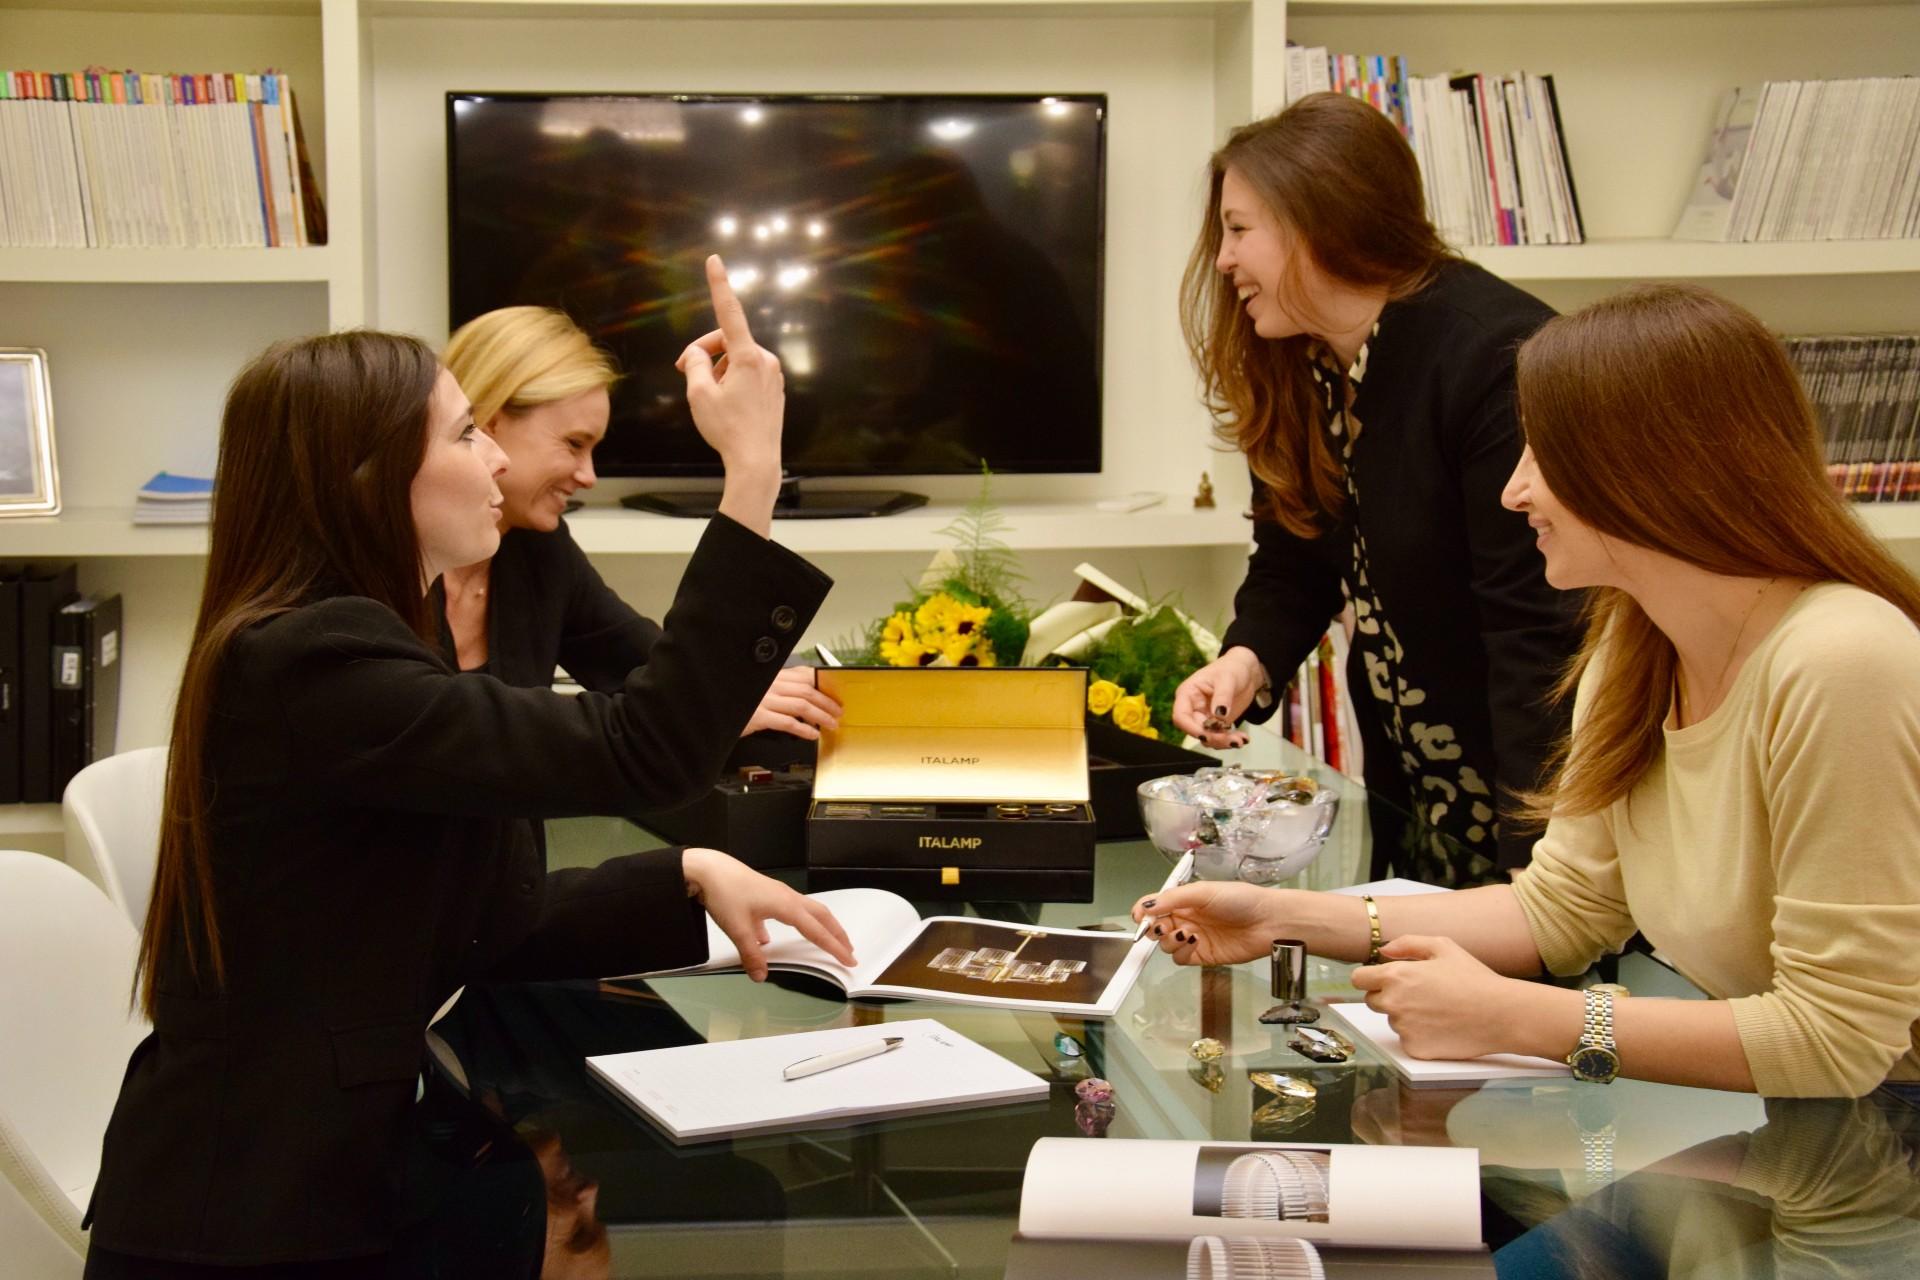 azienda-italamp-ragazze-intervista